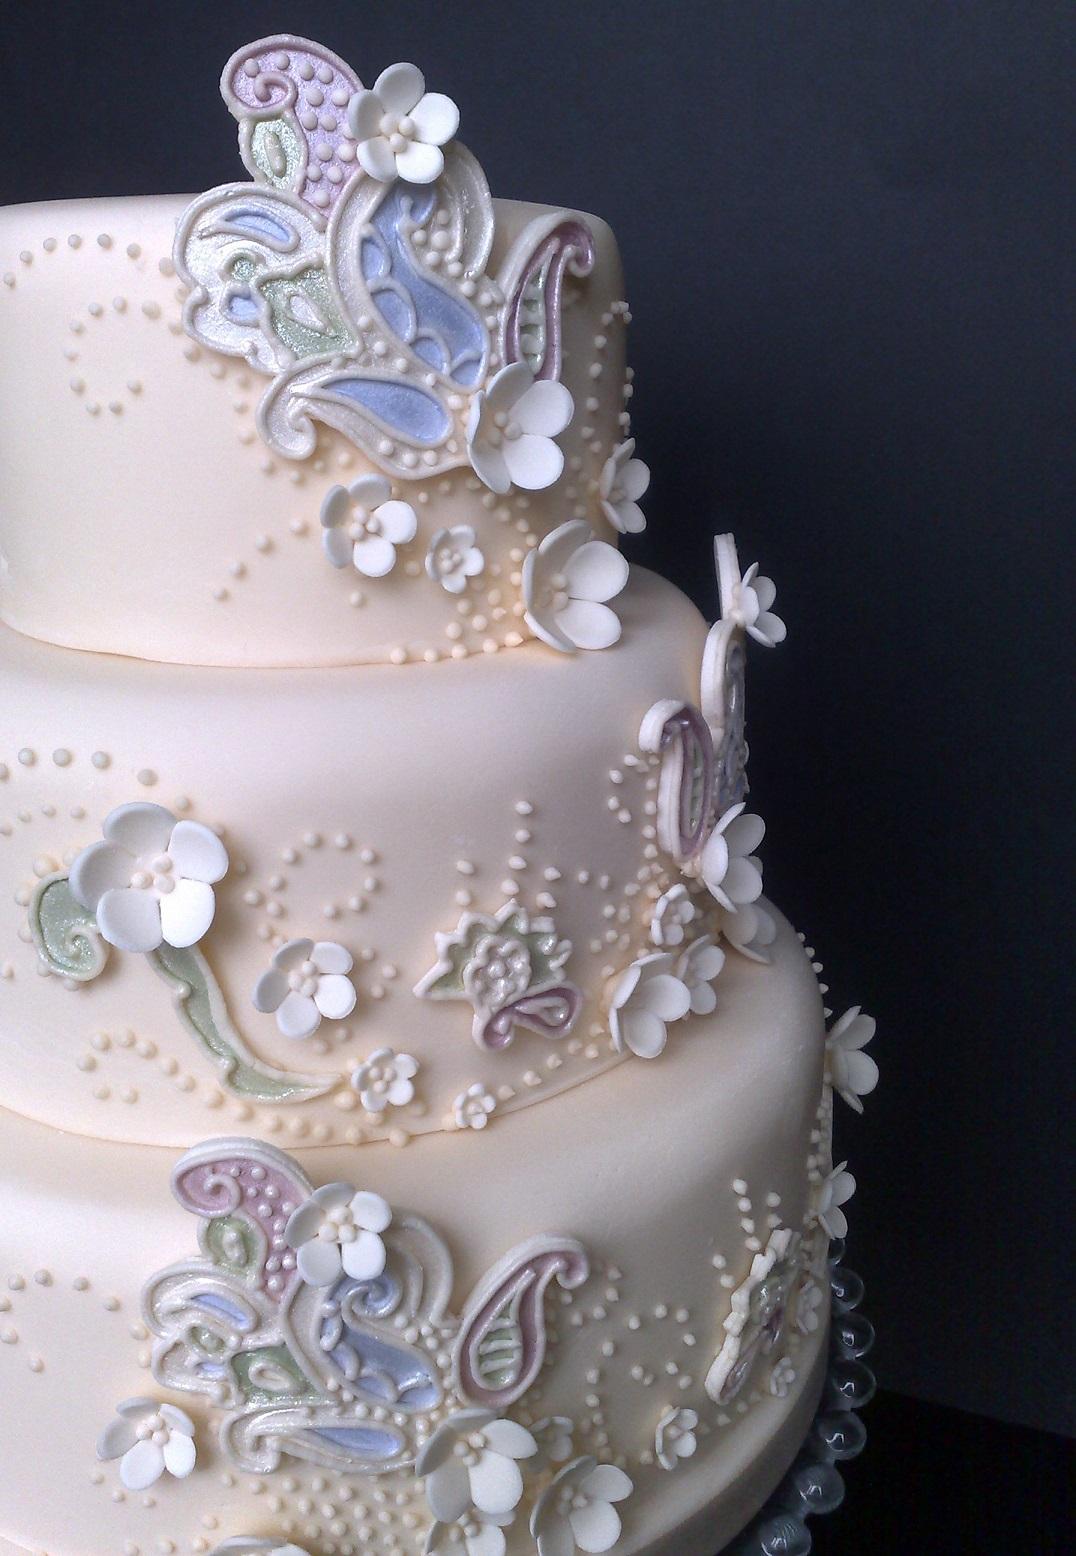 vkmin Свадебные торты,сладкий и  важный момент при организации свадьбы!